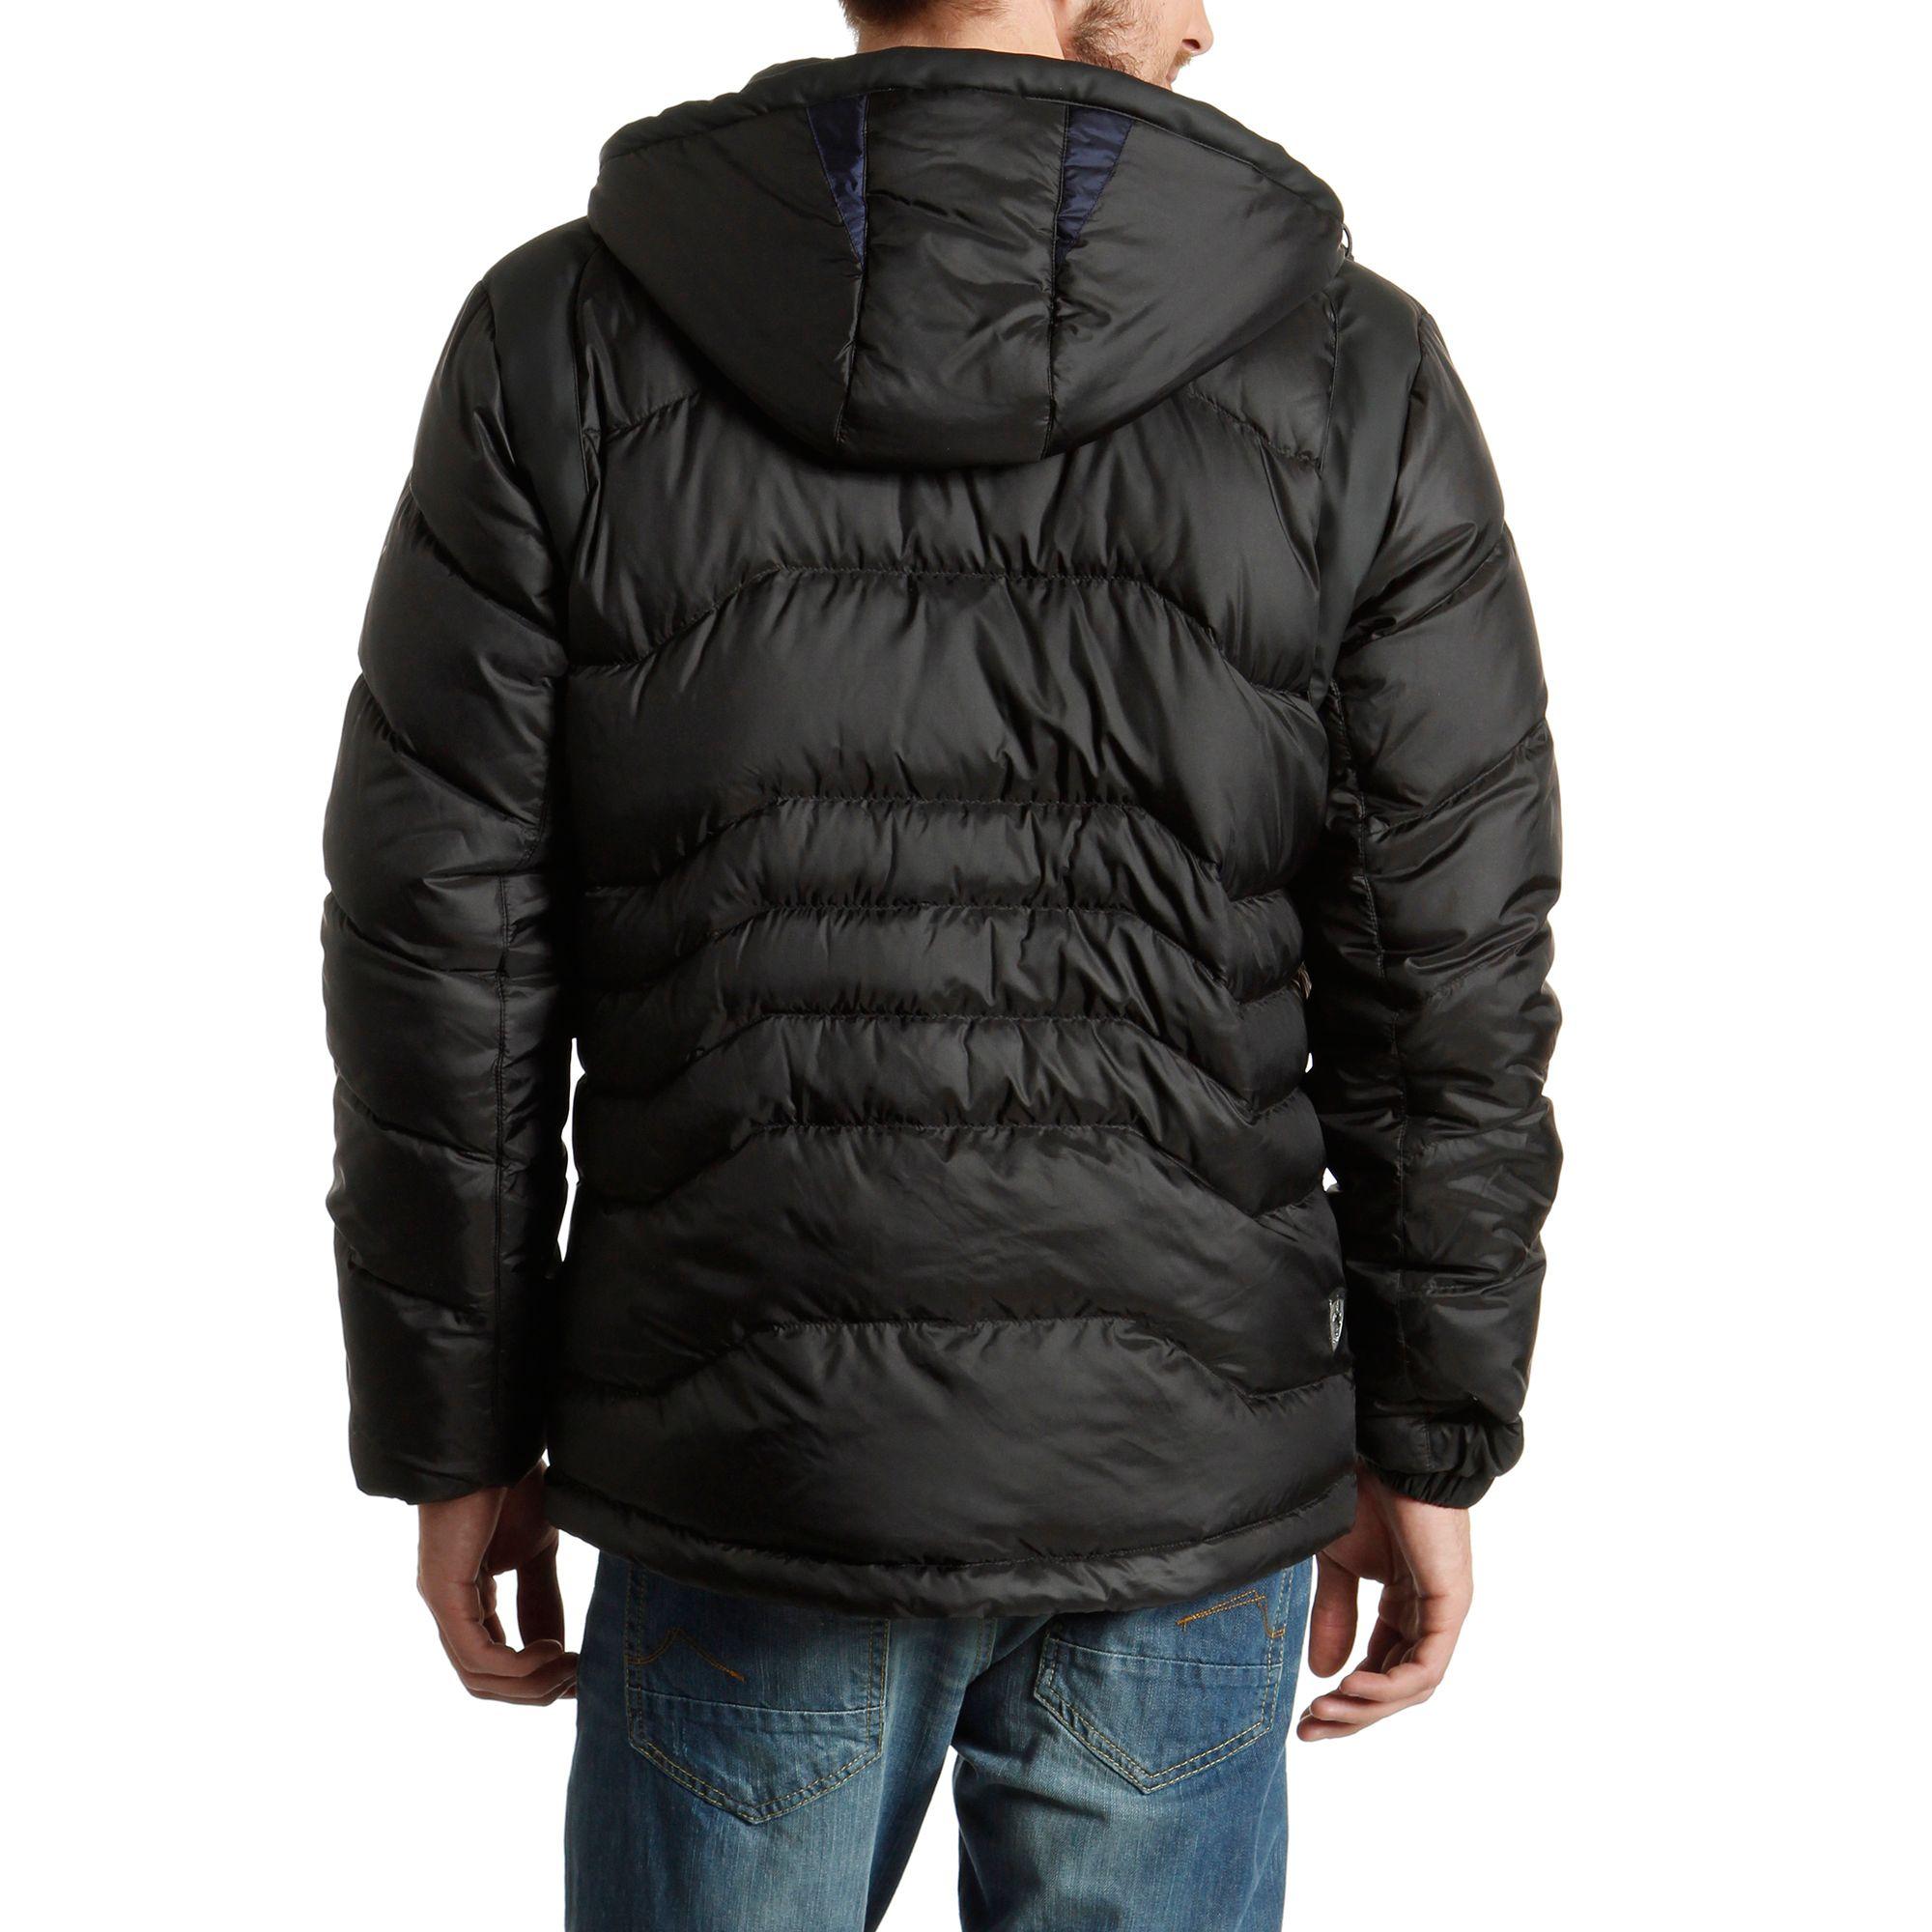 puma ferrari down jacket apparel winter jackets auto men. Black Bedroom Furniture Sets. Home Design Ideas